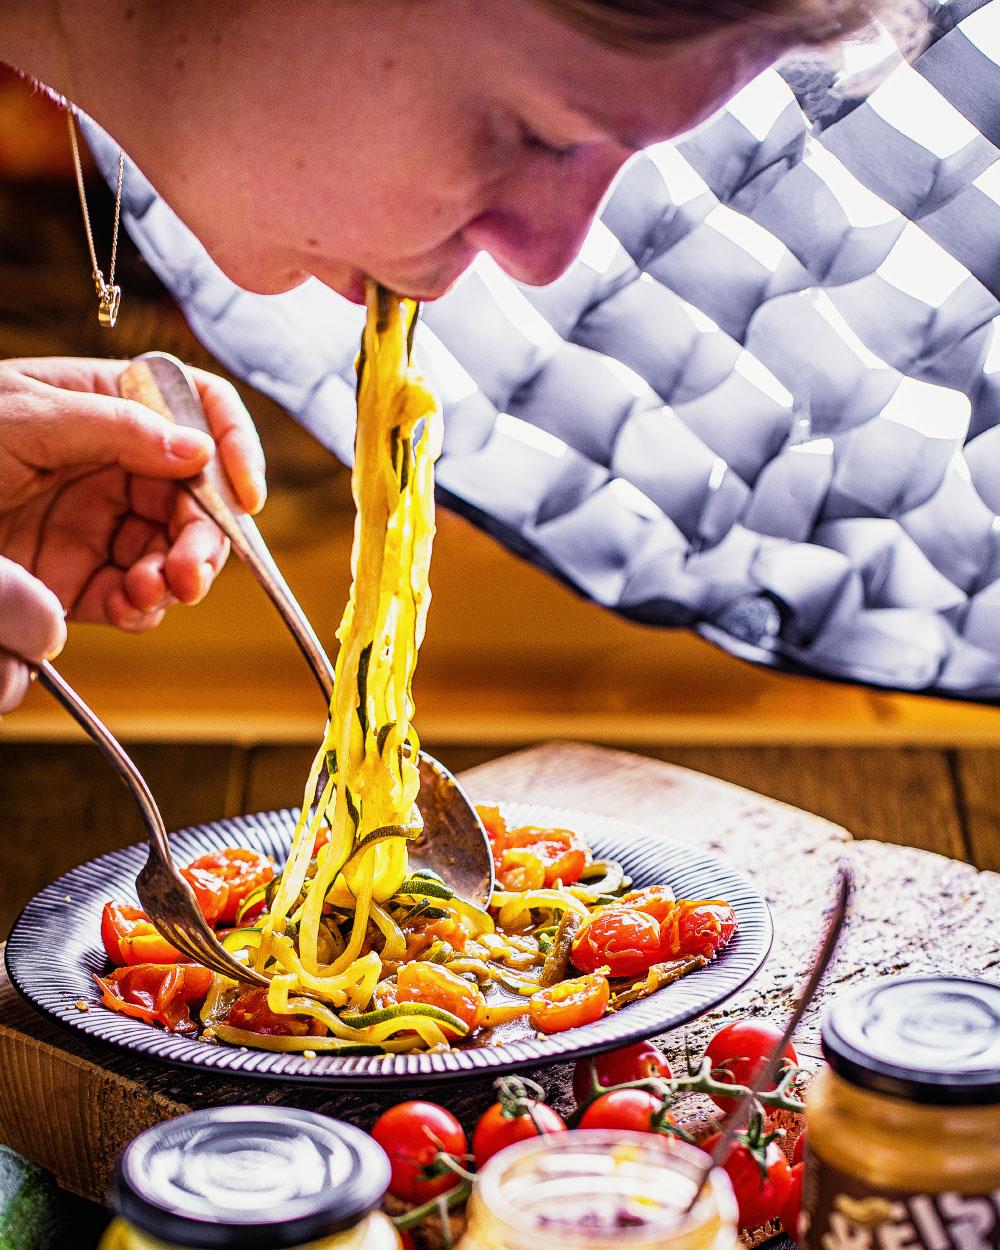 Zucchini-Nudeln - einfaches Rezept schnell kalorienreduziert fitfood lowcarb glutenfrei